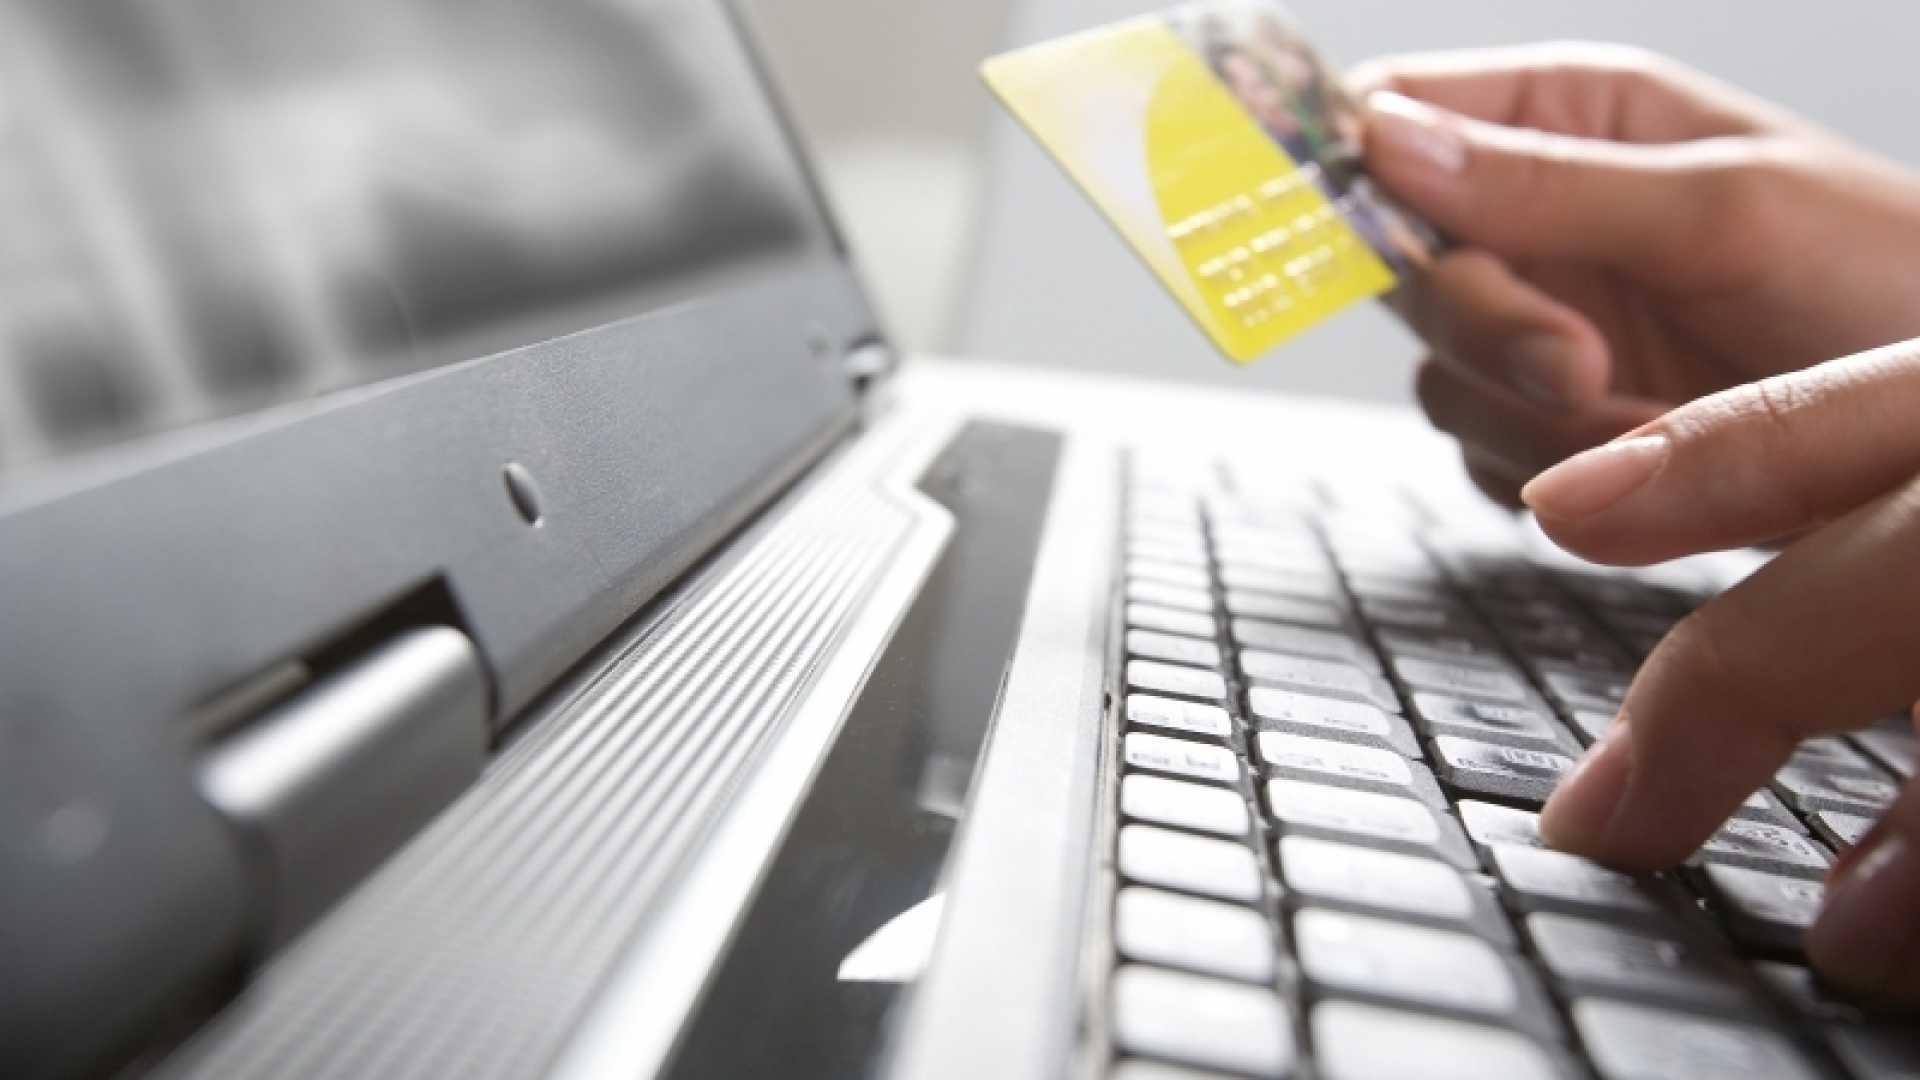 5 Tips on Succeeding as an eBay Seller